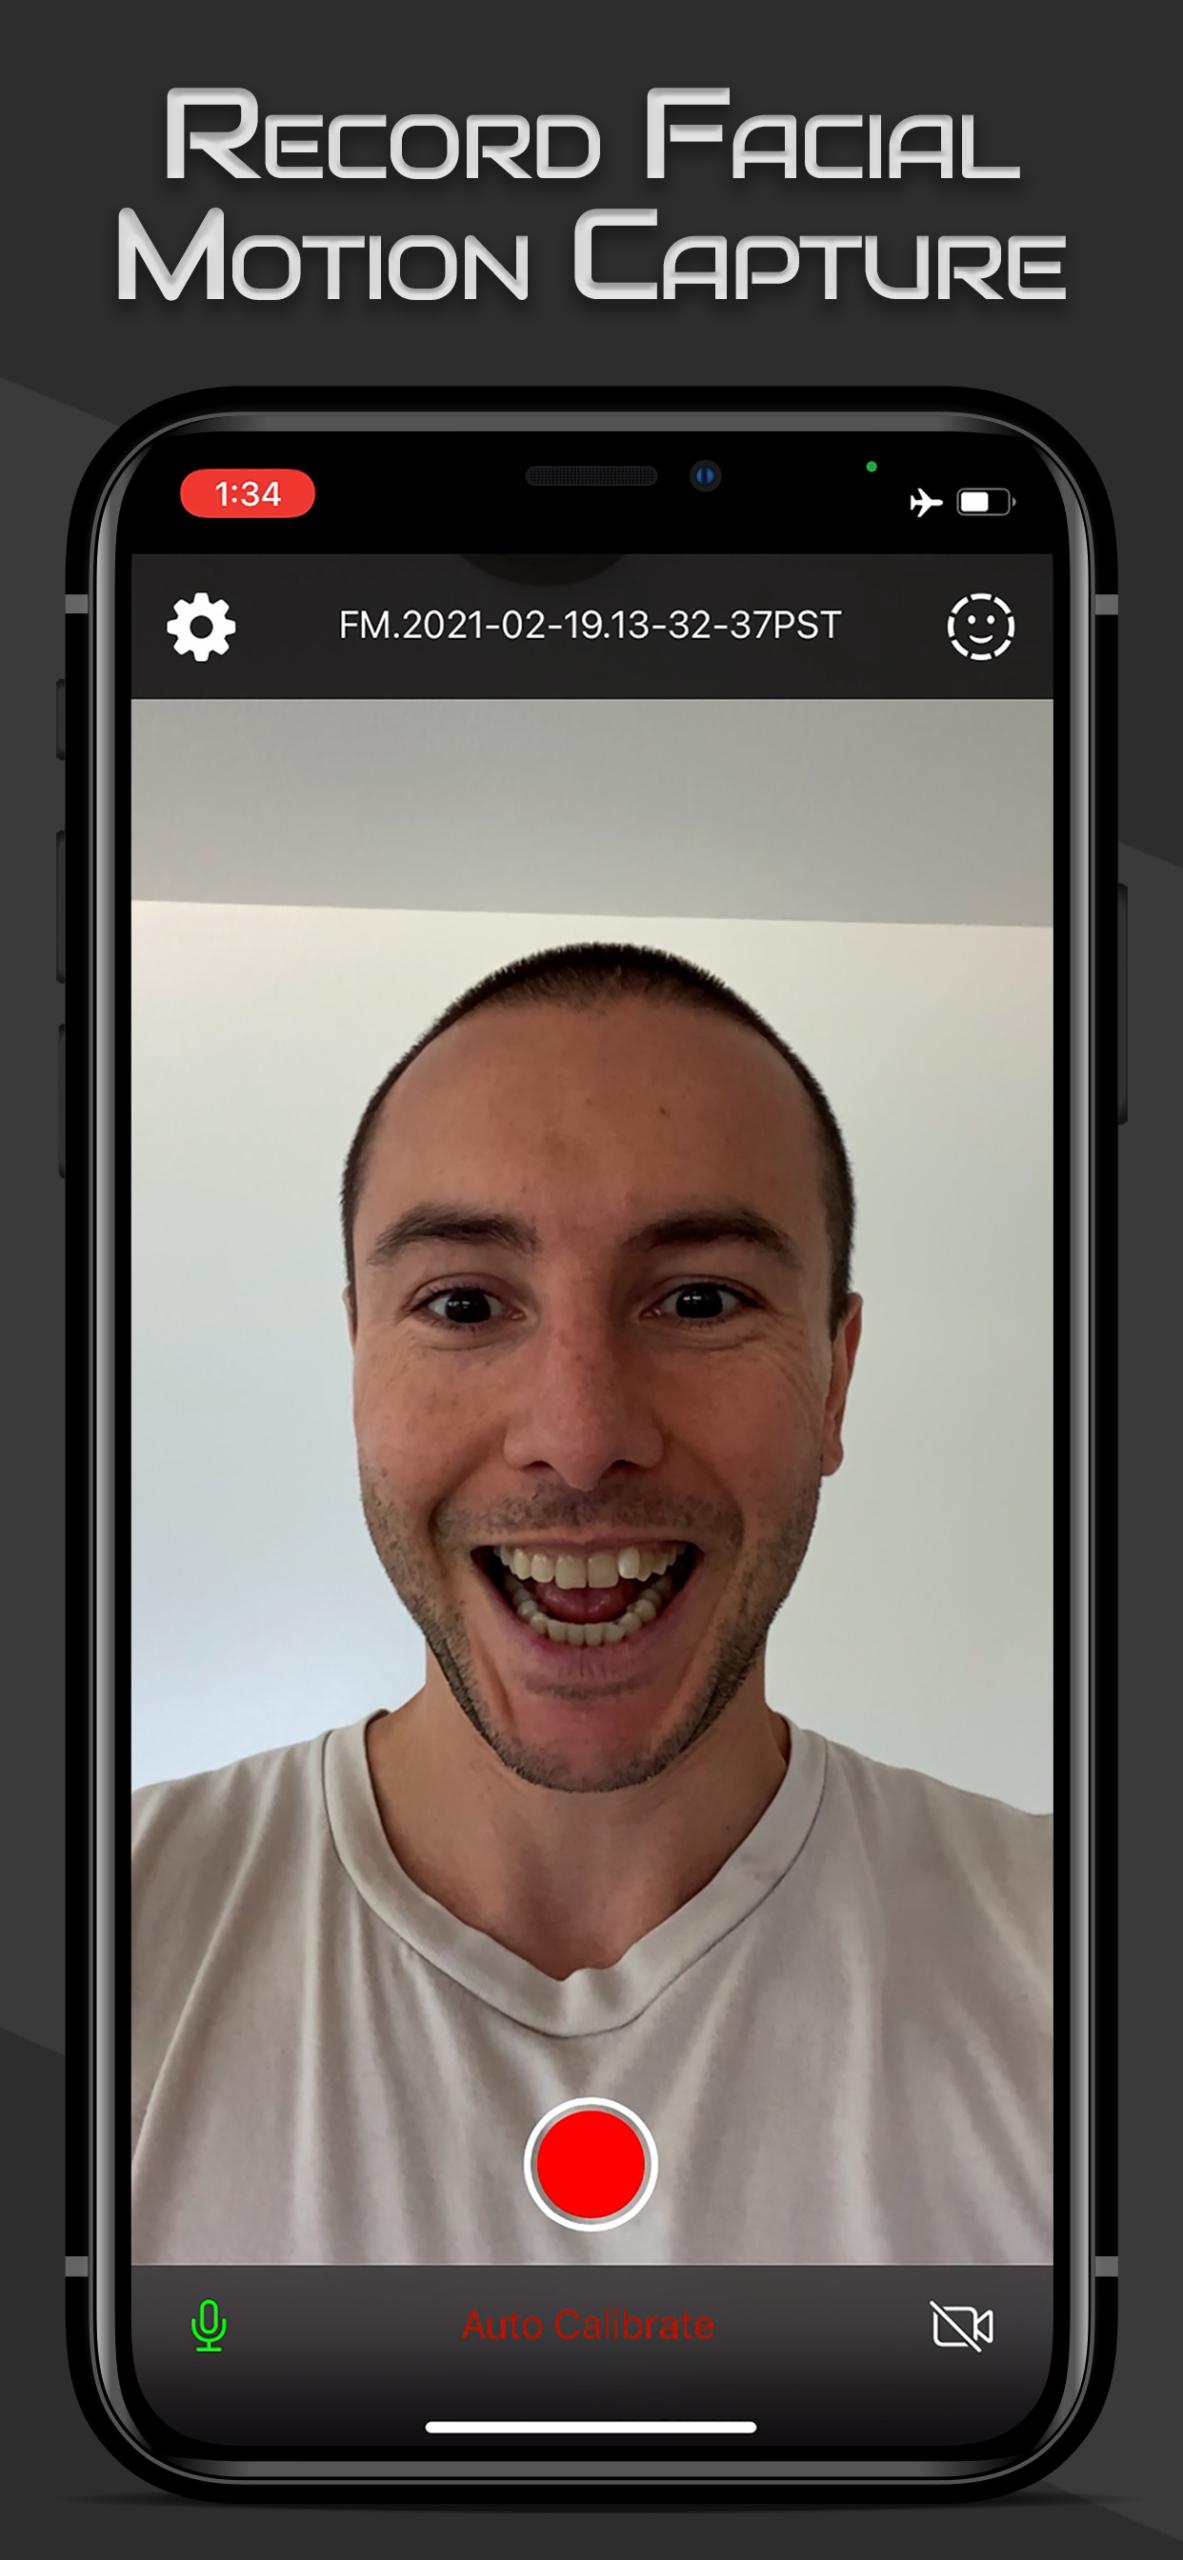 Face-Mojo-iOS-App-Image-01-6.5in